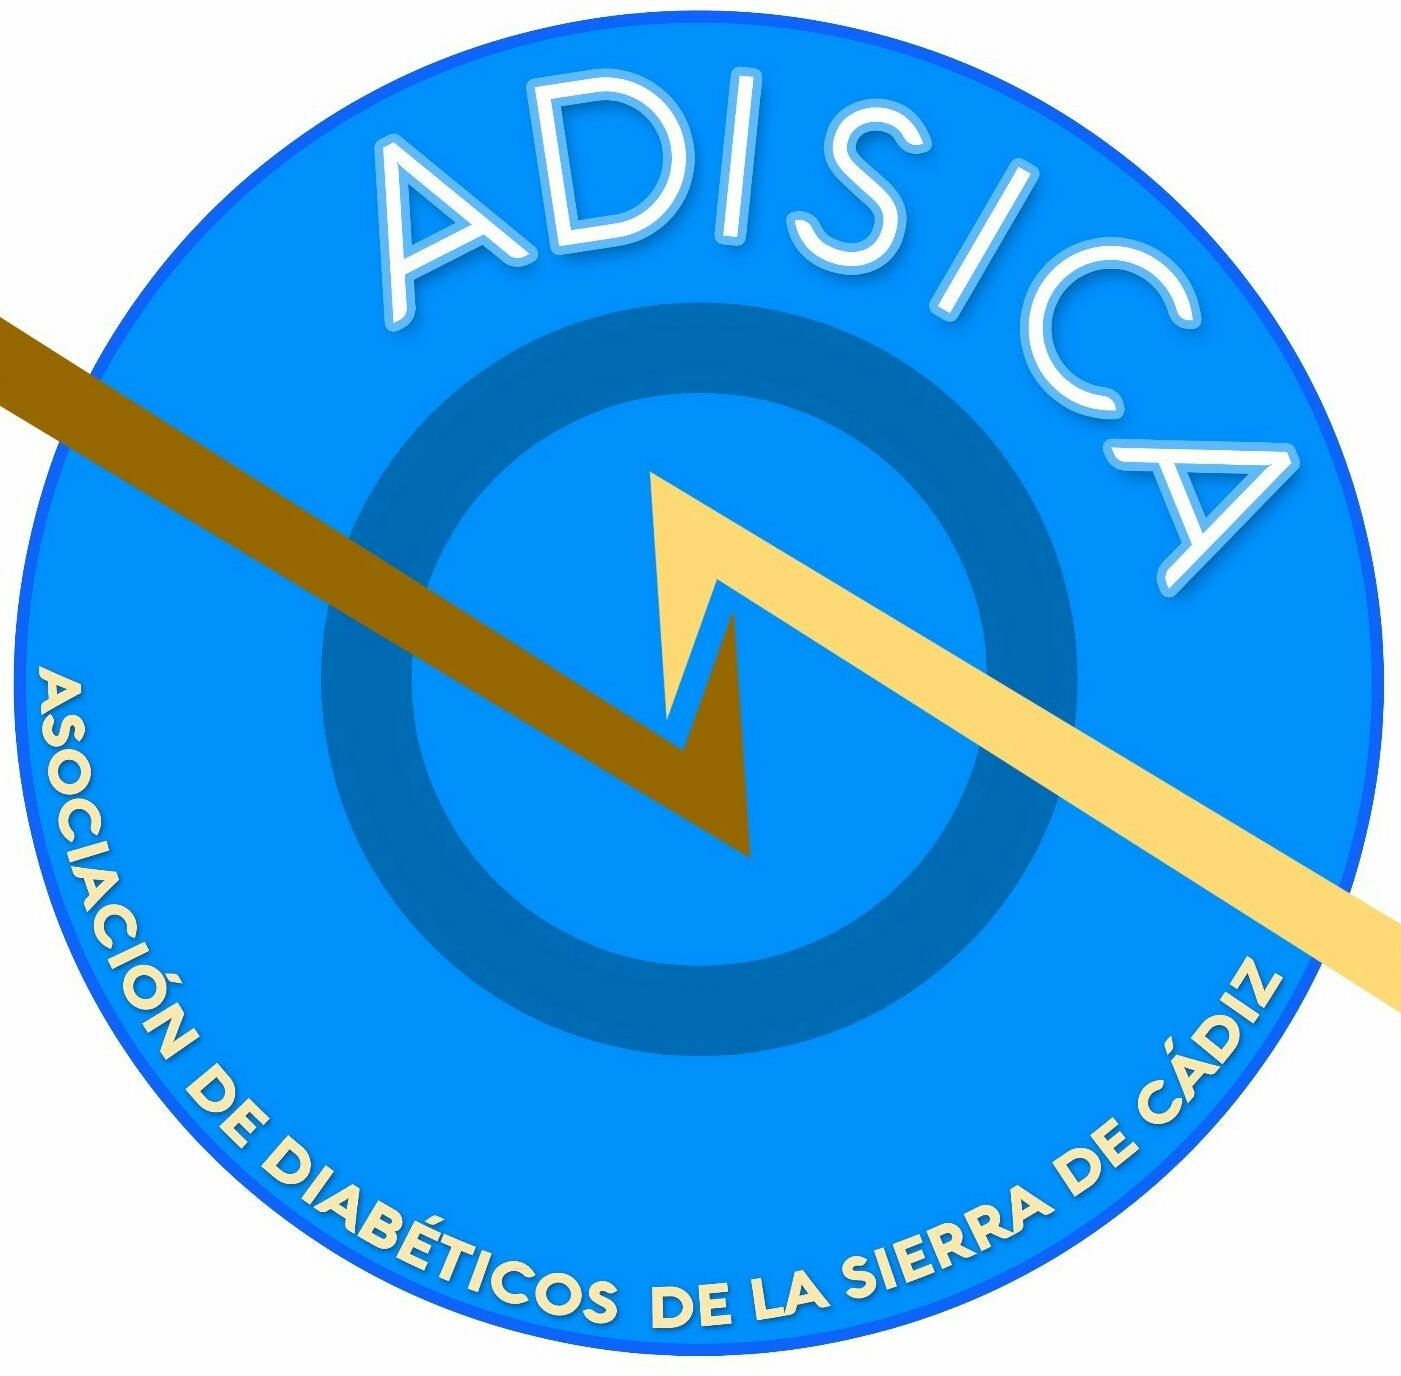 Photo of ADISICA (Asociación de Diabéticos Sierra de Cádiz)